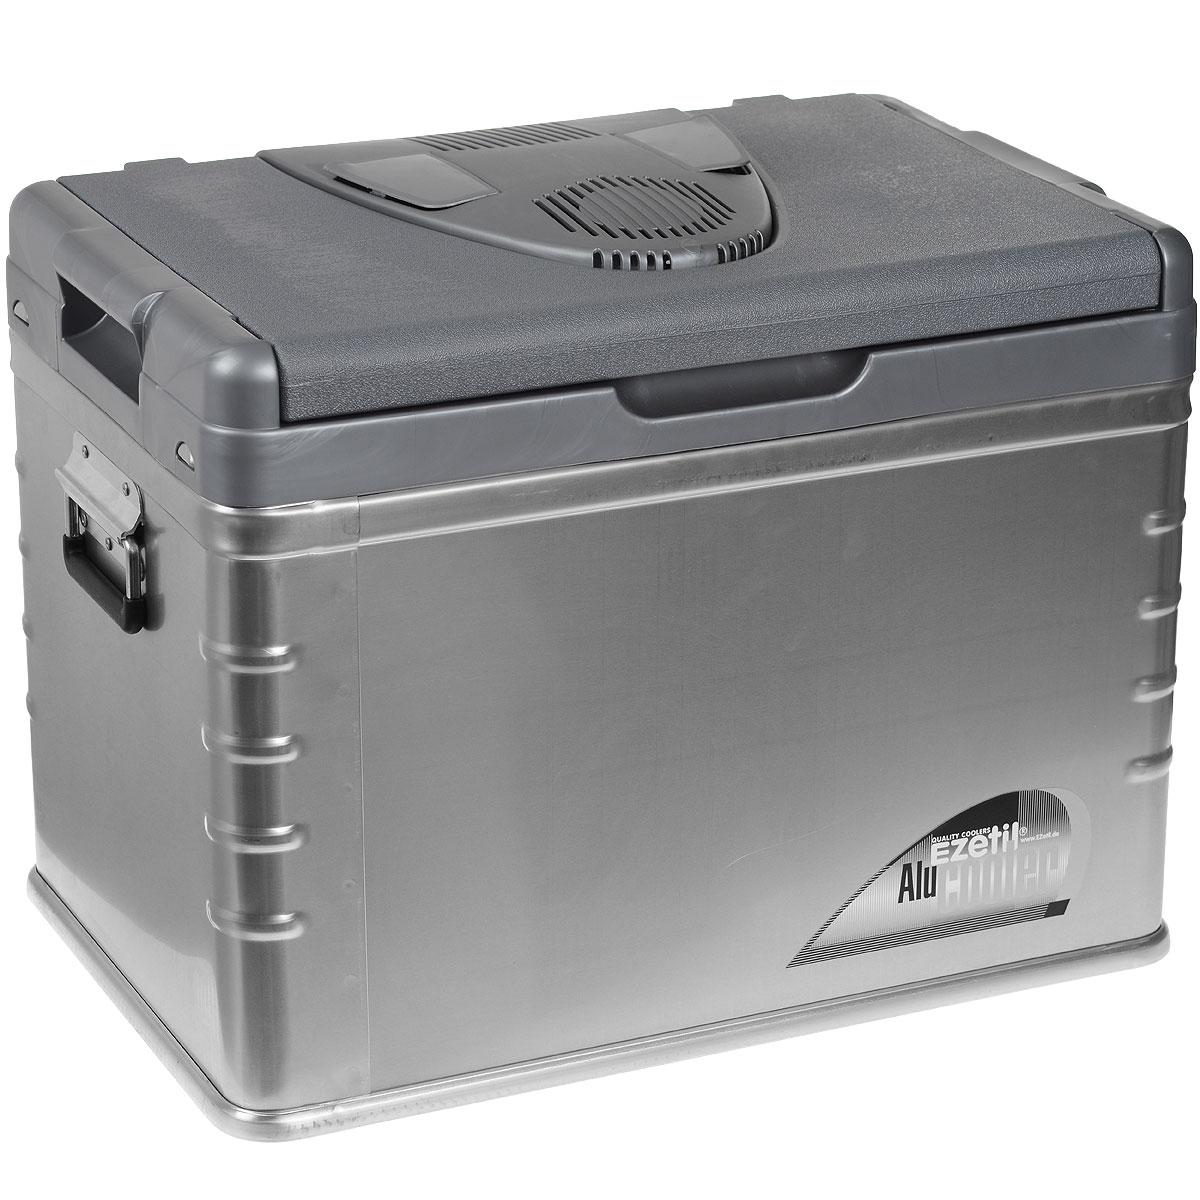 Термоэлектрический контейнер охлаждения Ezetil E45 ALU 12V, 42 л772210Термоэлектрический контейнер охлаждения Ezetil предназначен для использования в салоне автомобиля в качестве портативного холодильника. Контейнер выполнен из высококачественного пластика с отделкой алюминиевыми панелями, корпус гладкий, эргономичного дизайна, ударопрочный. Внутренняя камера изготовлена из экологически чистого пищевого пластика. Принцип действия термоэлектрического контейнера (холодильника) основан на свойстве полупроводниковых пластин, это свойство получило название эффект Пельтье. При протекании тока через полупроводниковую пластину одна сторона ее охлаждается (этой стороной пластина обращена внутрь контейнера), другая сторона - нагревается (эта сторона обращена наружу и охлаждается вентилятором). Дополнительный внутренний вентилятор в холодильной камере обеспечивает быстрое и равномерное охлаждение. Мощная, не нуждающаяся в техобслуживании охлаждающая система Peltier гарантирует оптимальную производительность по холоду. Действенная...